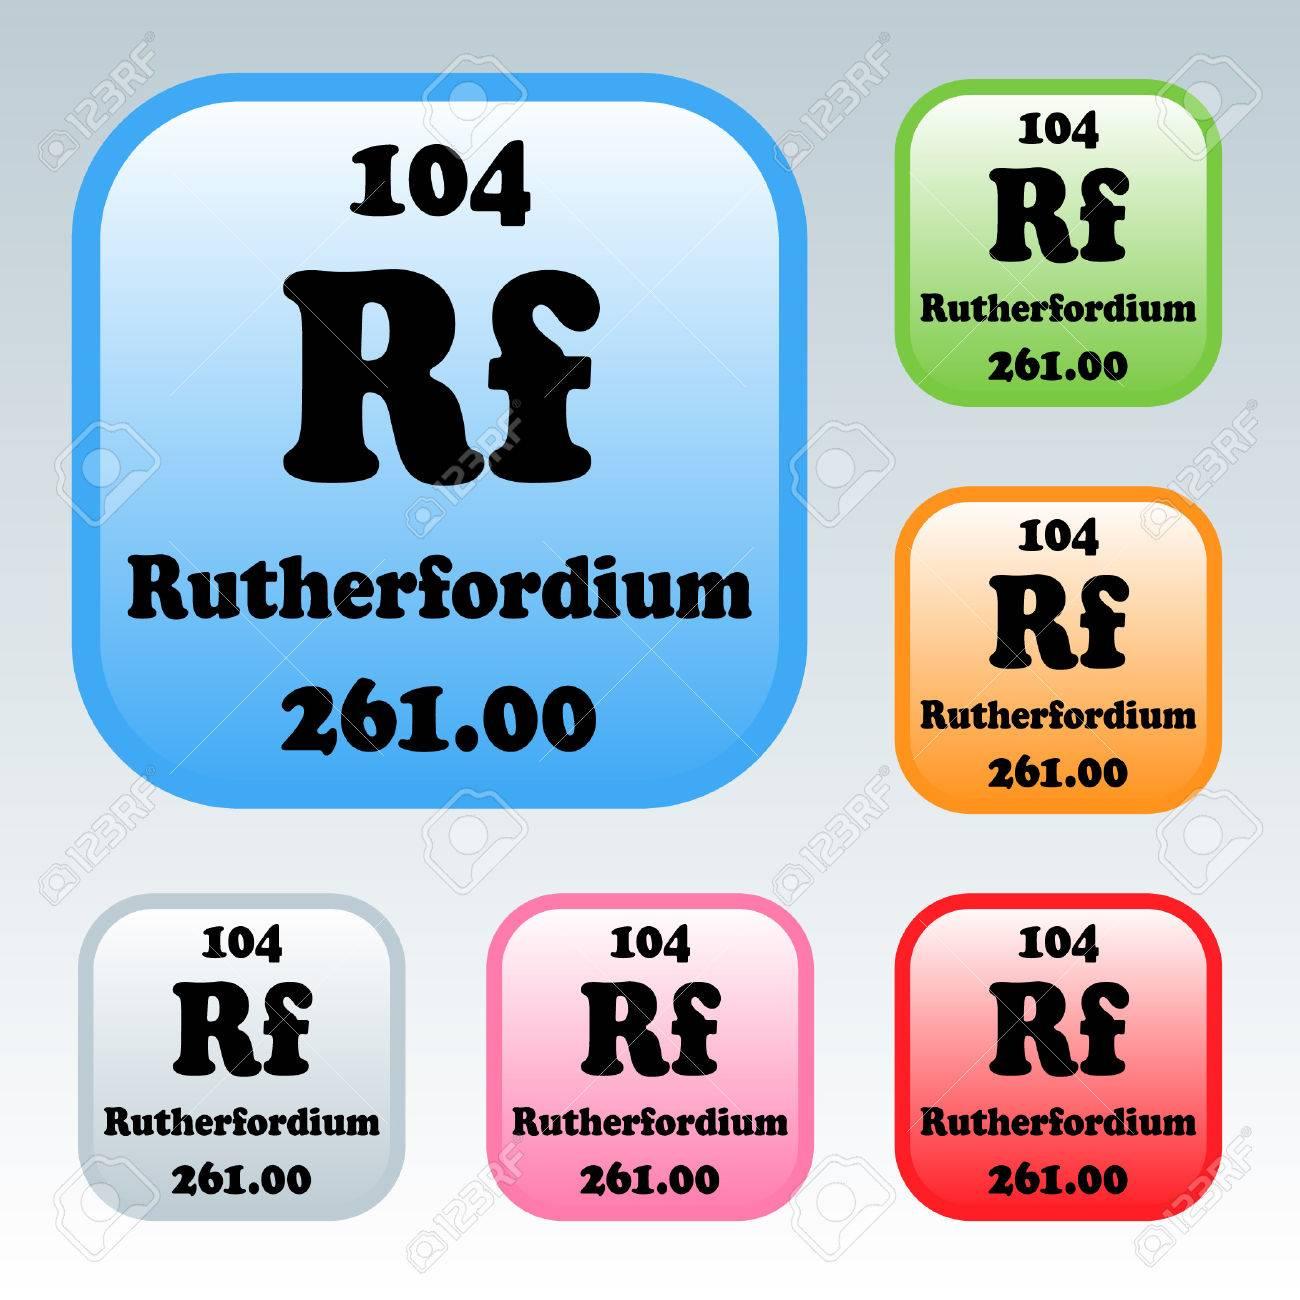 Rutherfordium periodic table gallery periodic table images the periodic table of the elements rutherfordium royalty free the periodic table of the elements rutherfordium gamestrikefo Image collections